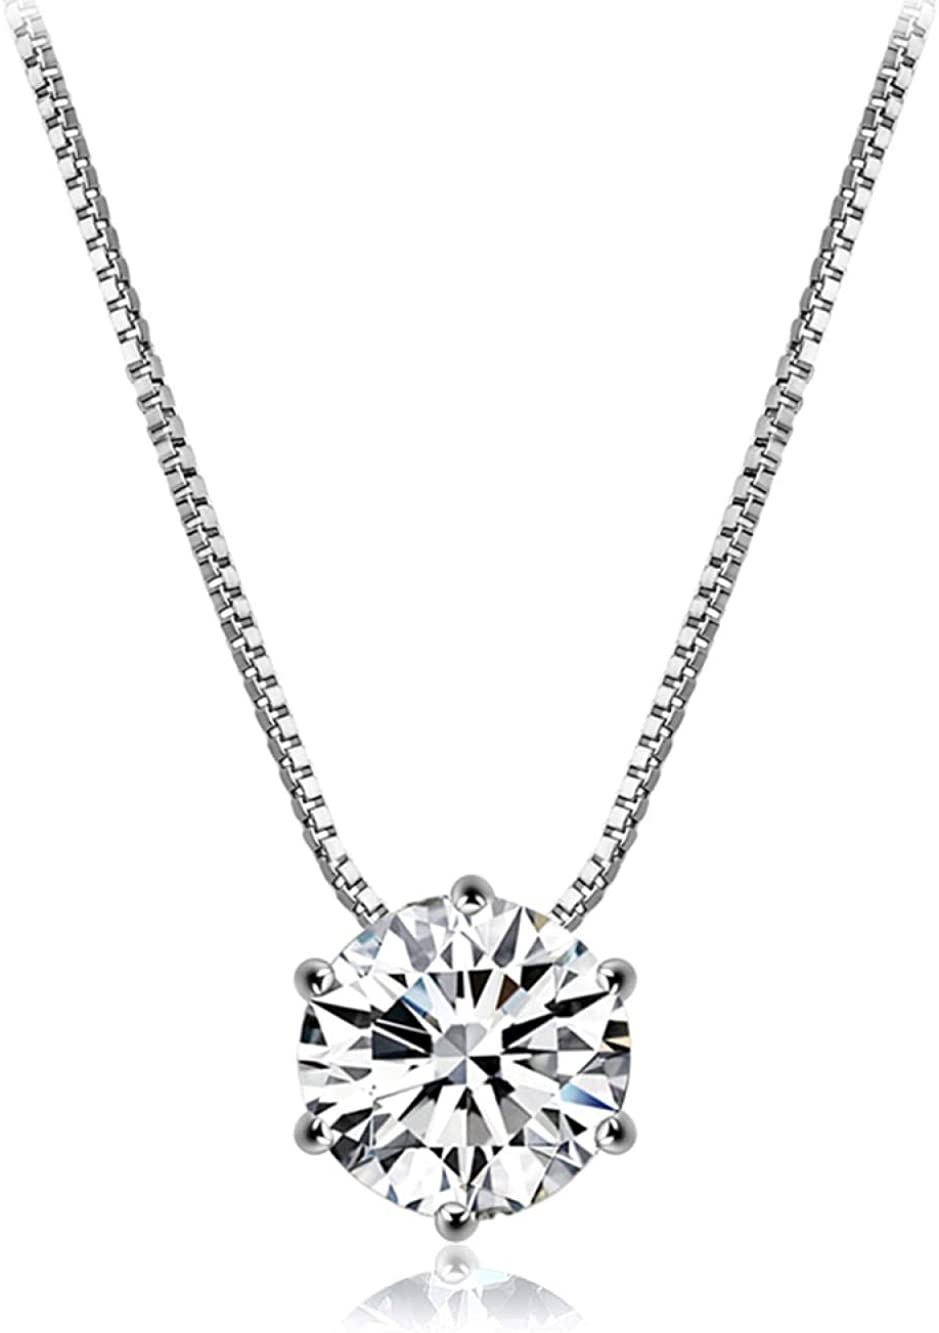 QueenAILSA 925 Plata Esterlina Solo Brillante Diamante Colgante Señoras Adornos para El Cuello Regalo De Cumpleaños De Vacaciones De Las Niñas